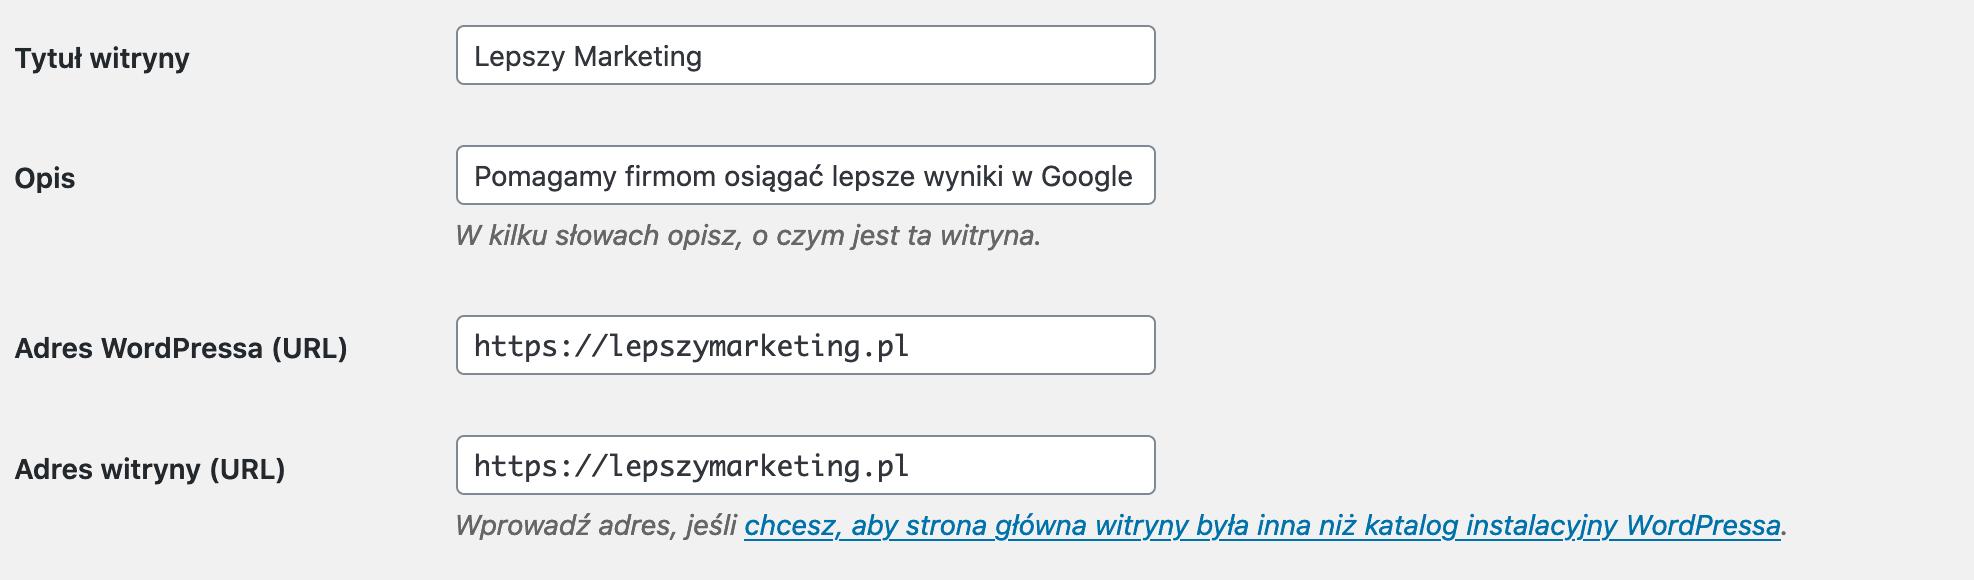 pozycjonowanie strony internetowej wordpress